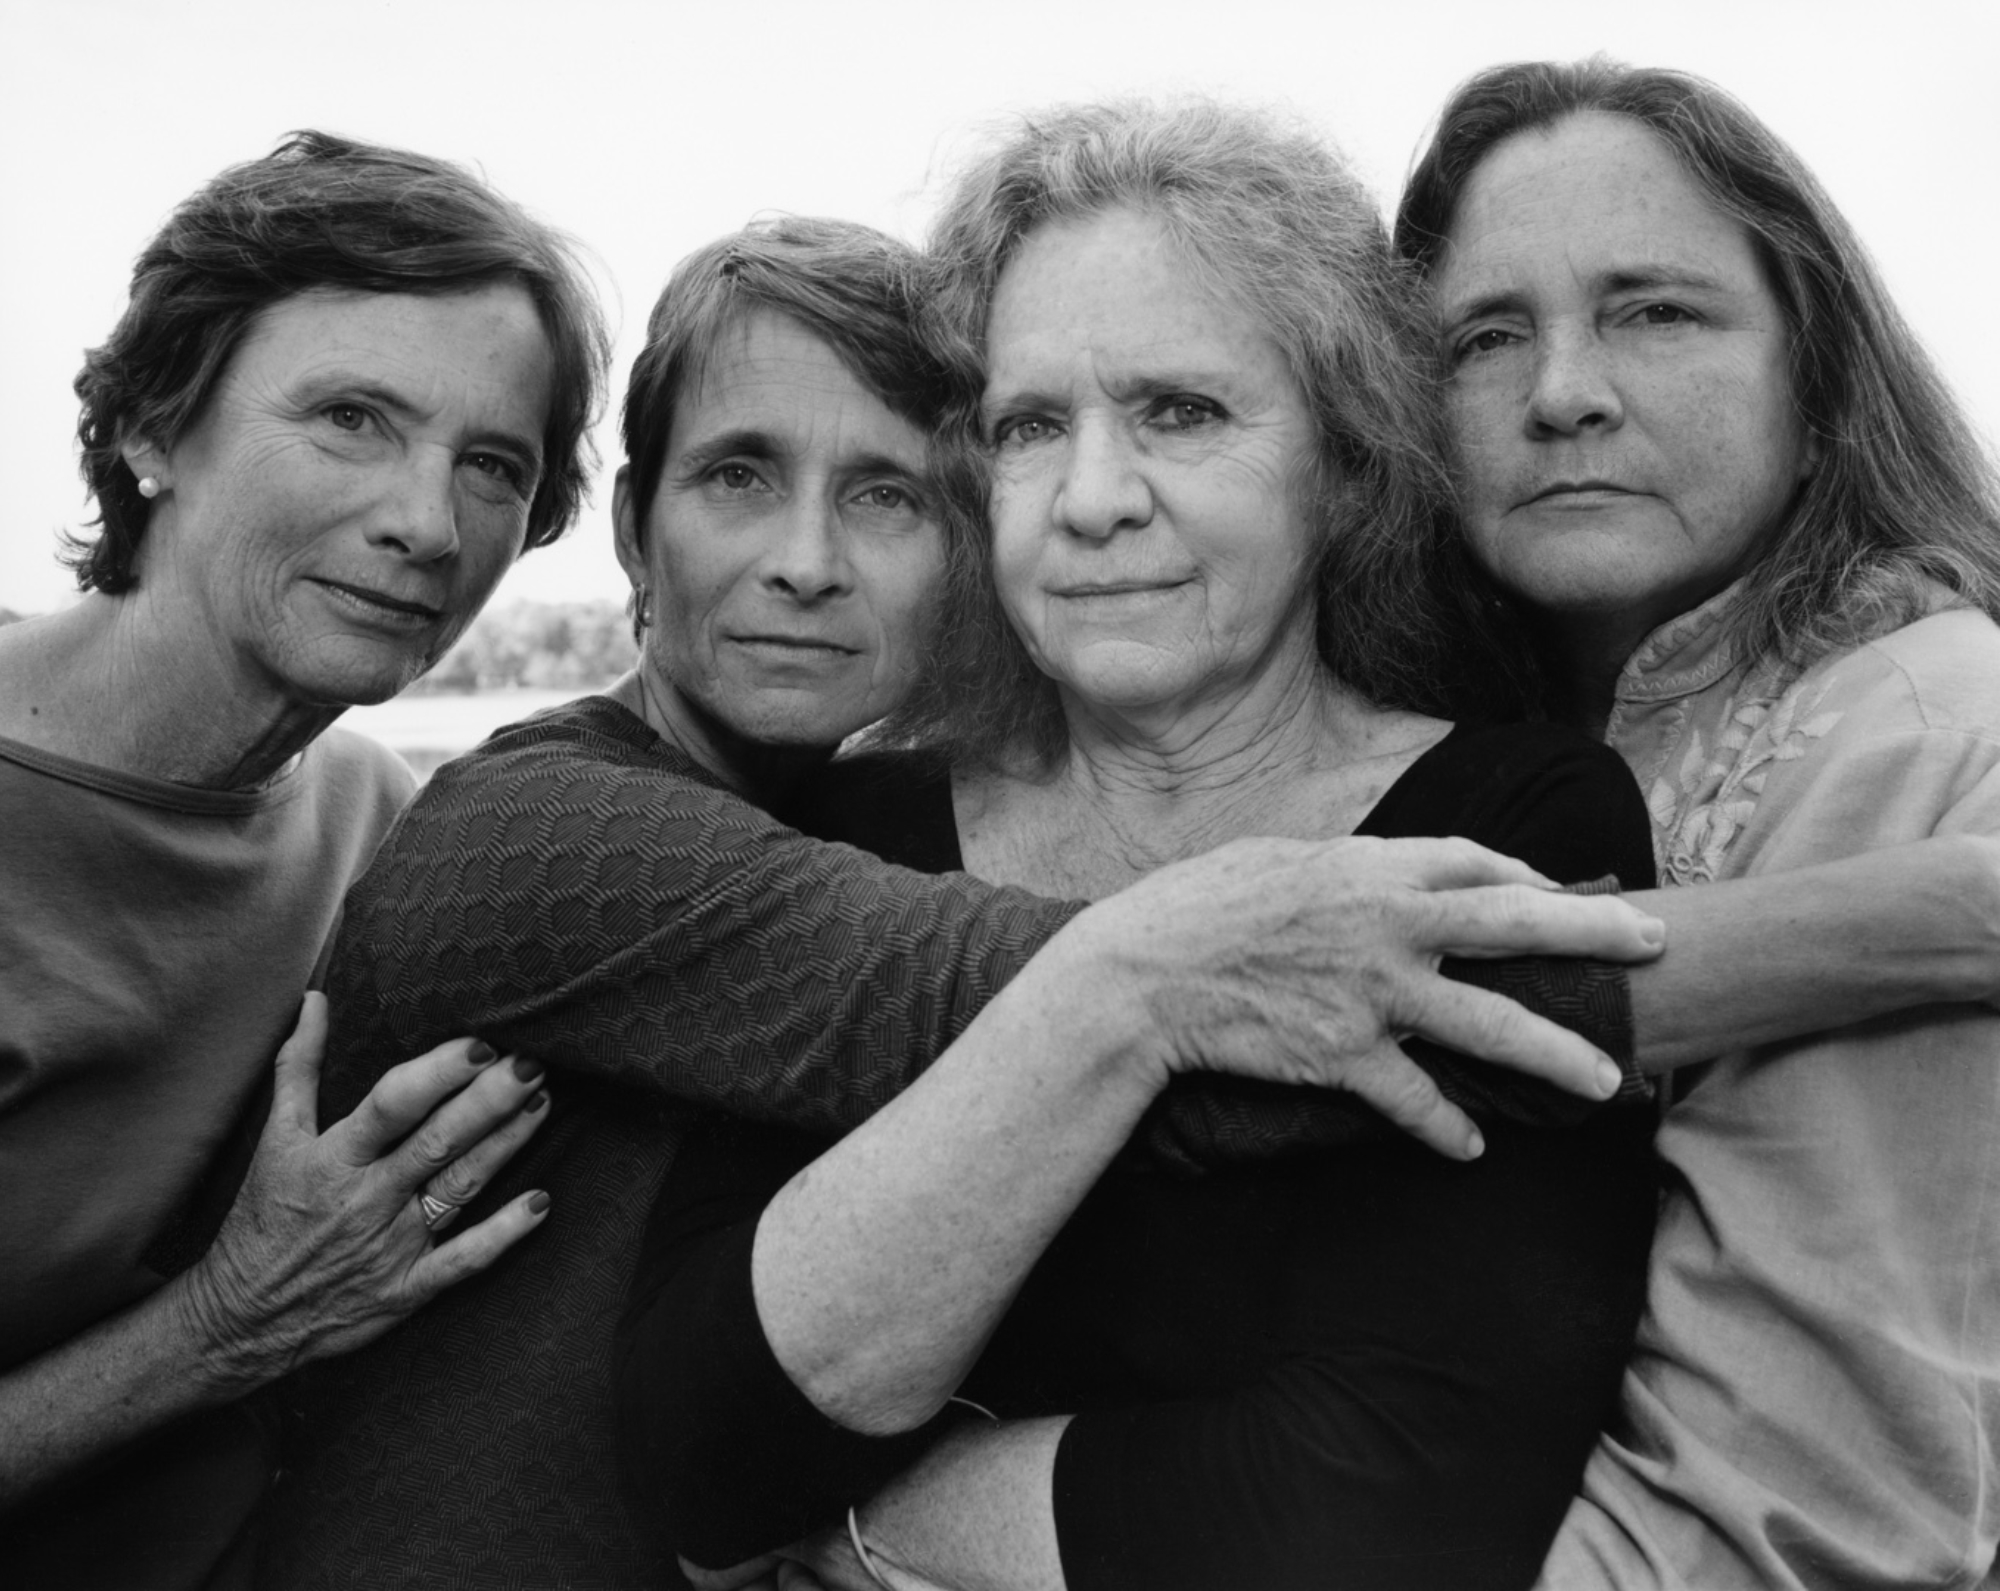 Nicholas Nixon photographie chaque année sa femme entourée de ses trois sœurs et les rassemble dans cette série magistrale.